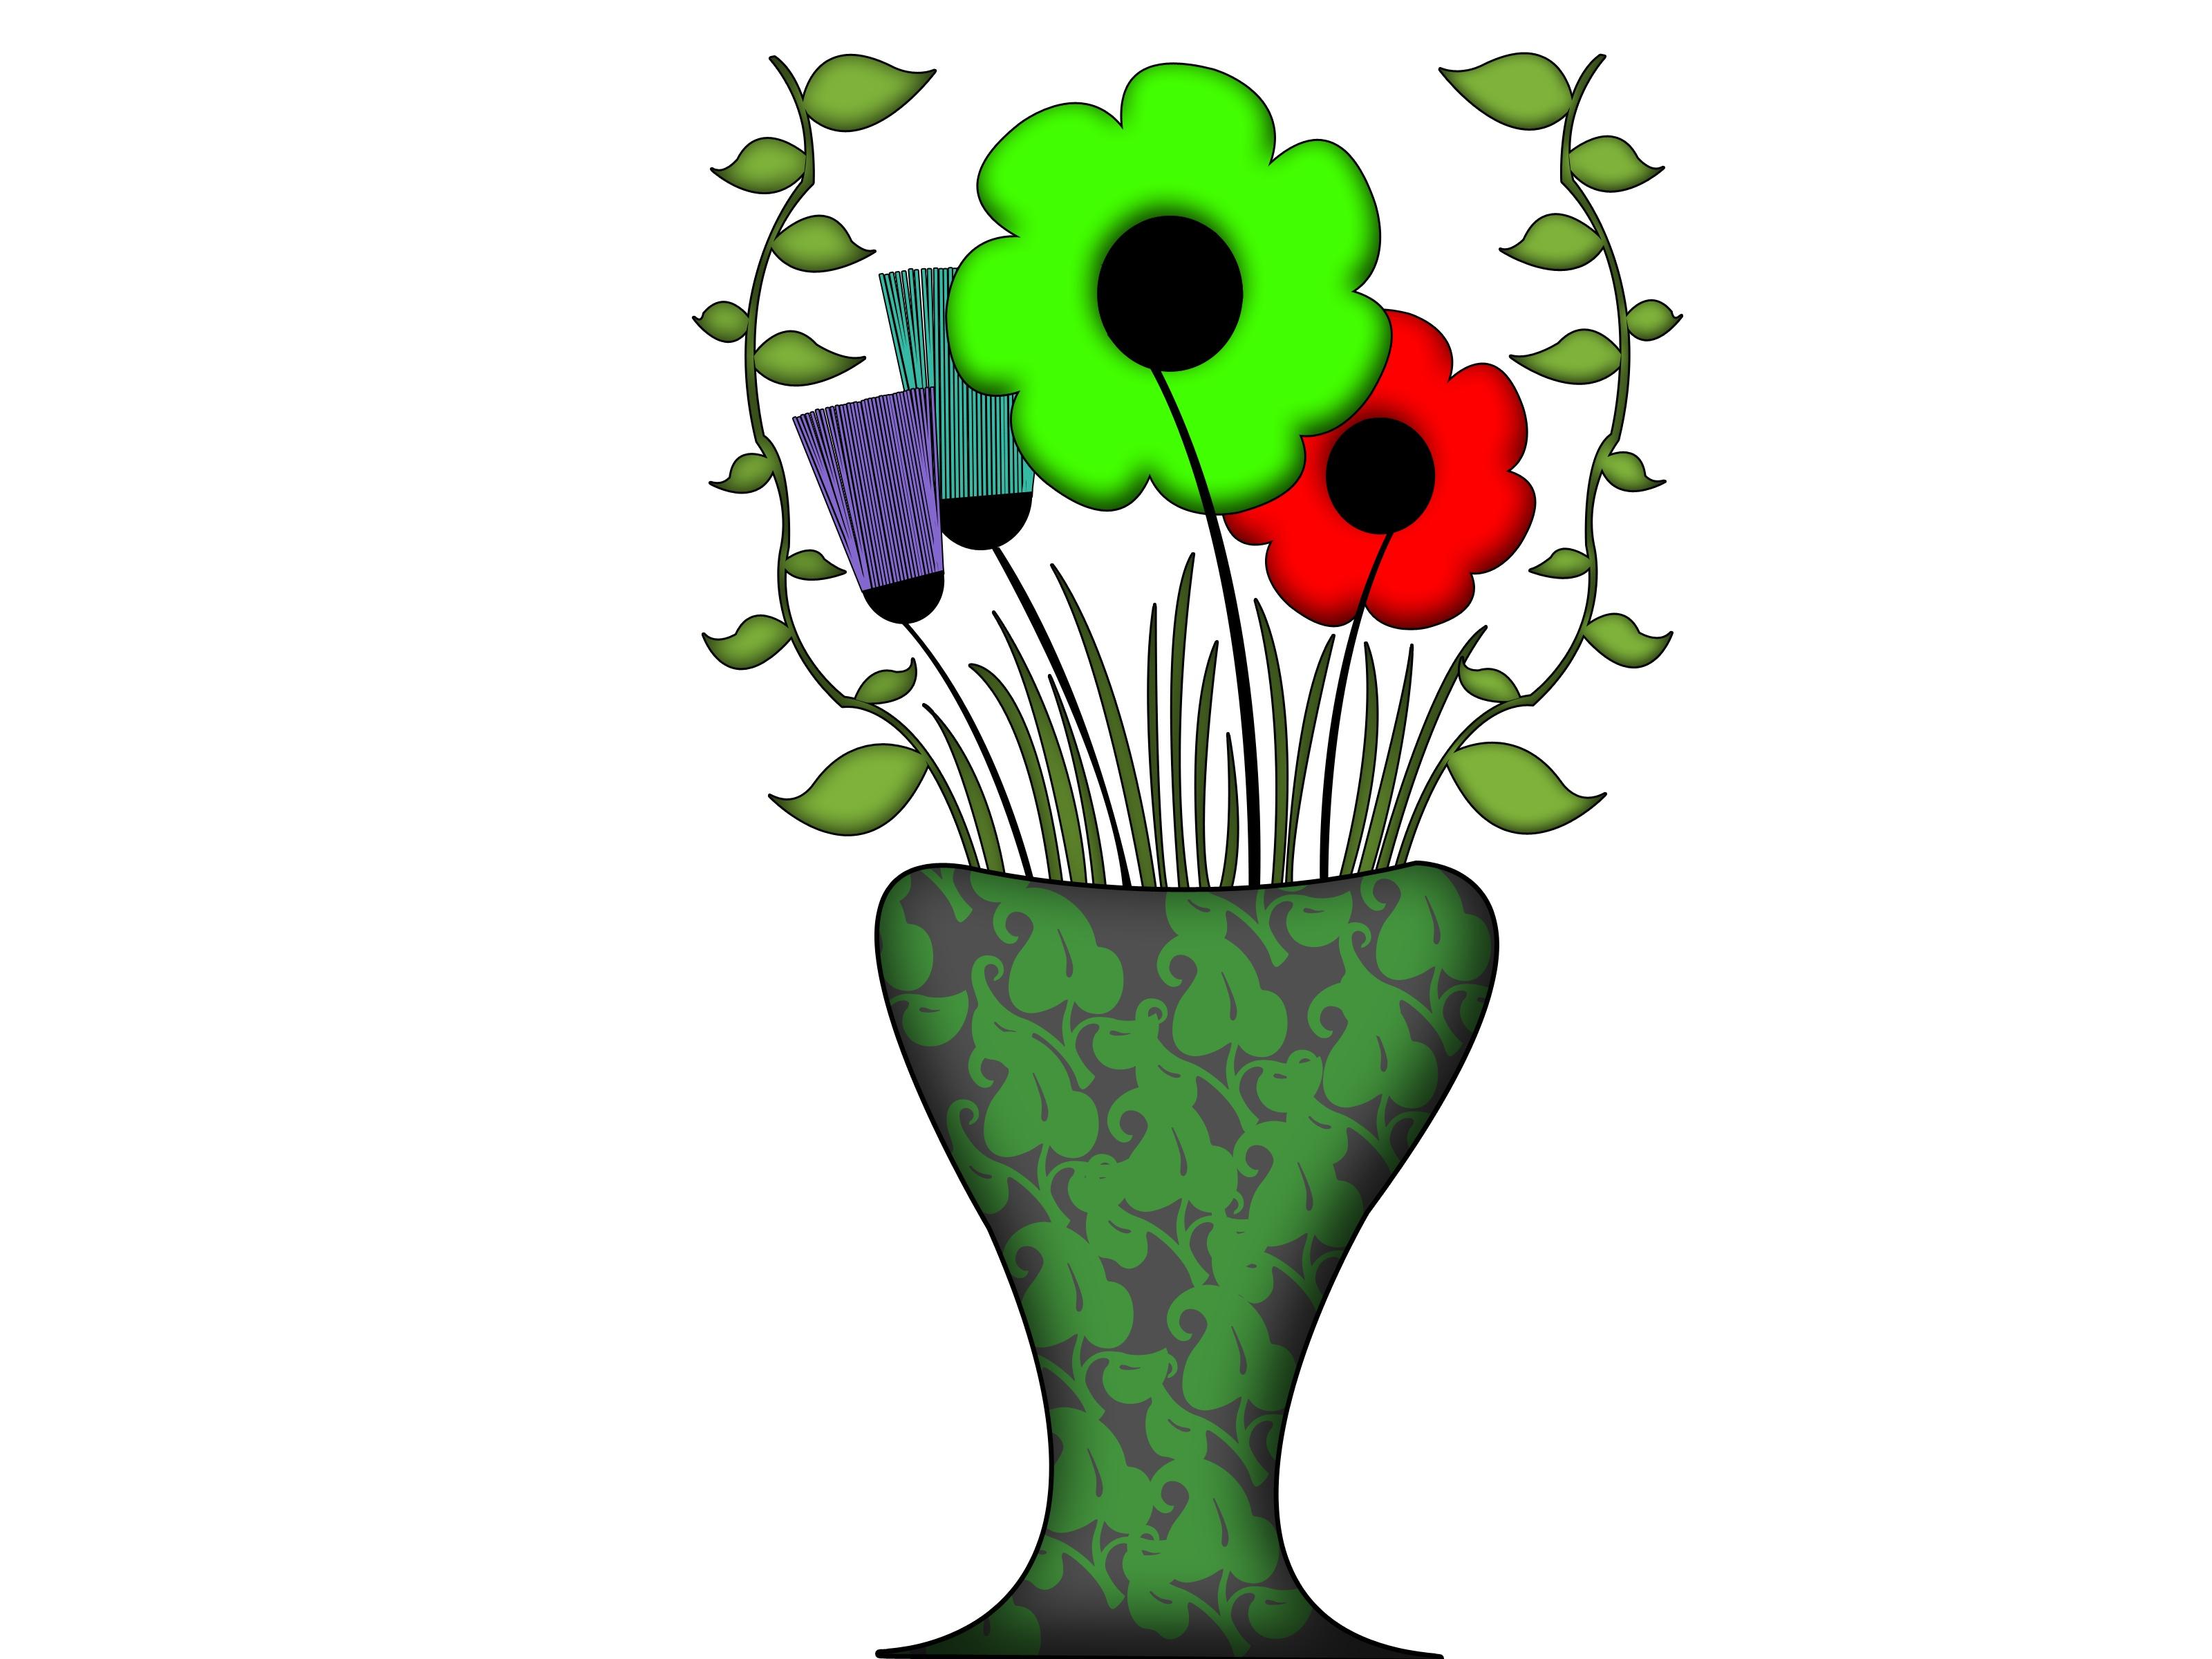 3200x2400 Cartoon Drawings Tumblr Flower Easy Step